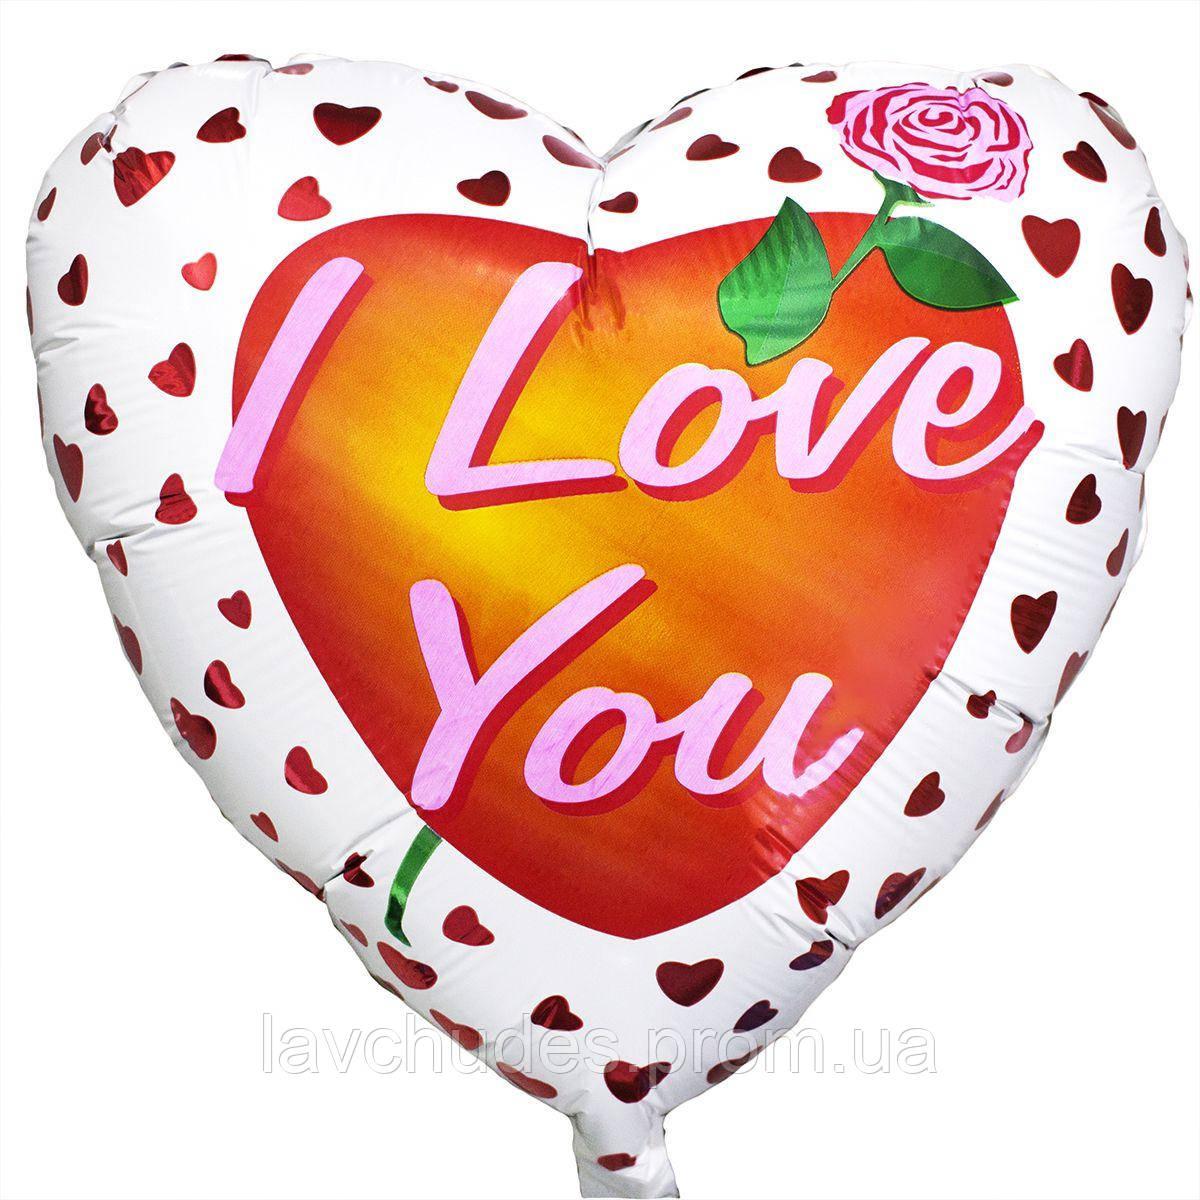 Фольгированный шар в виде сердца Я Люблю Тебя